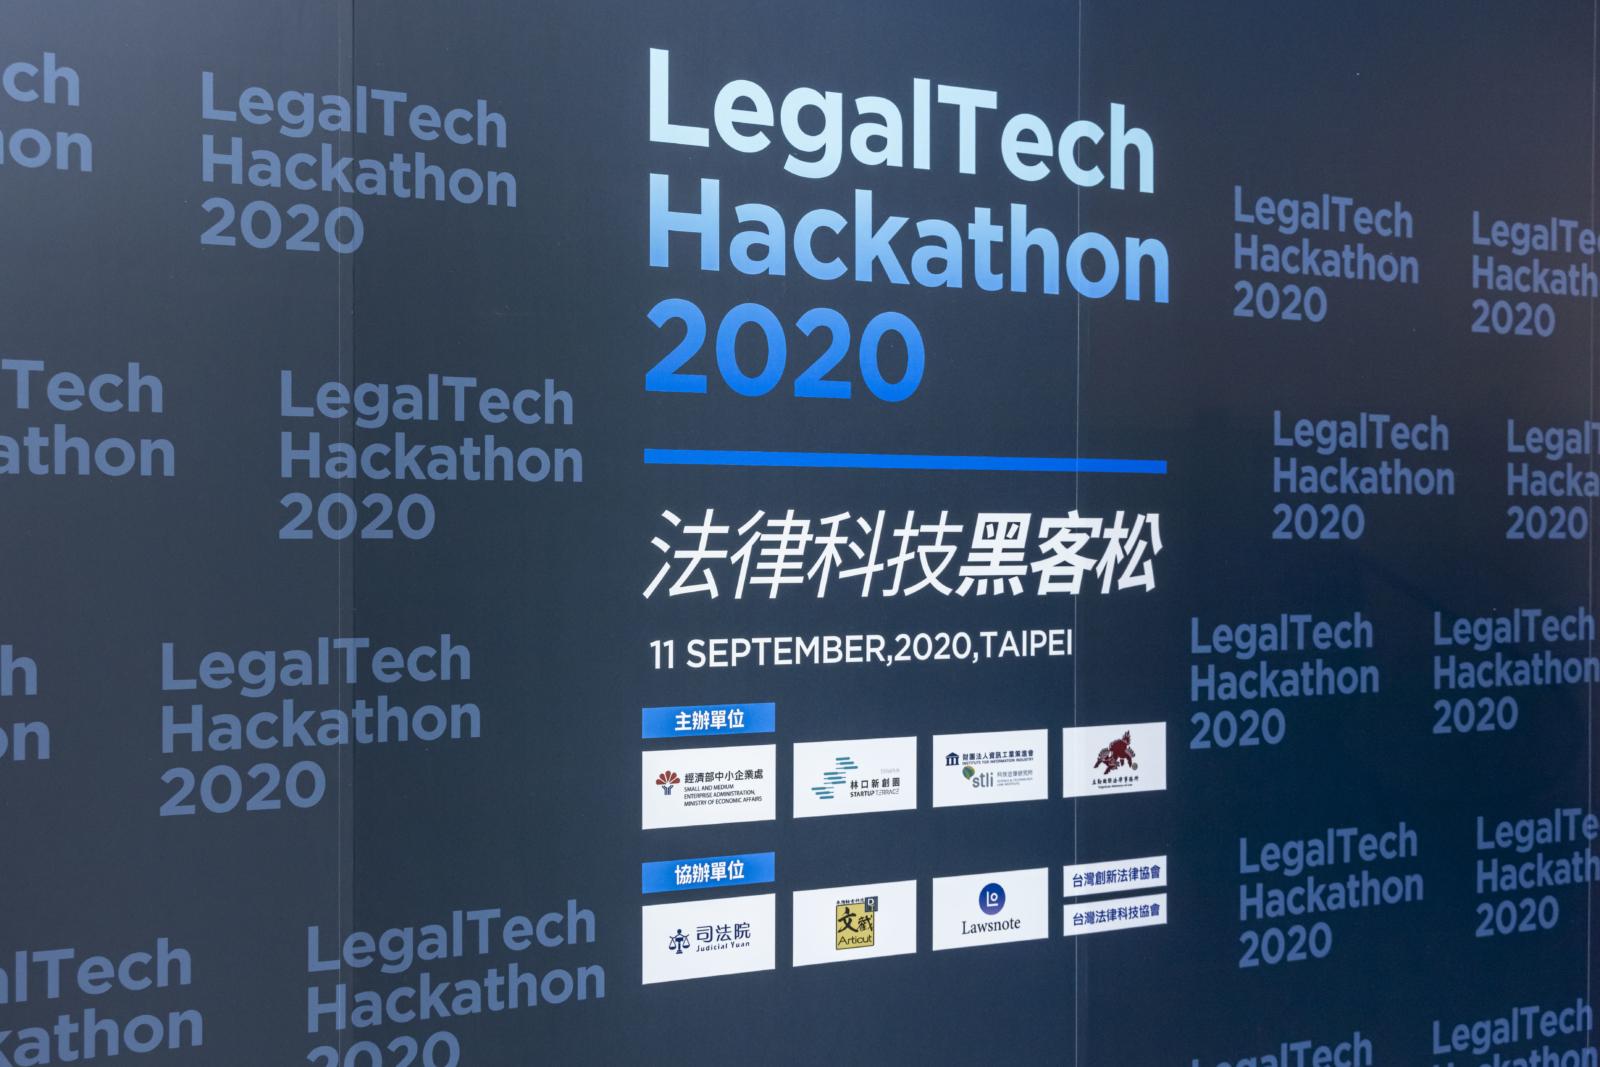 第二屆法律科技黑客松 Legaltech Hackathon 2020